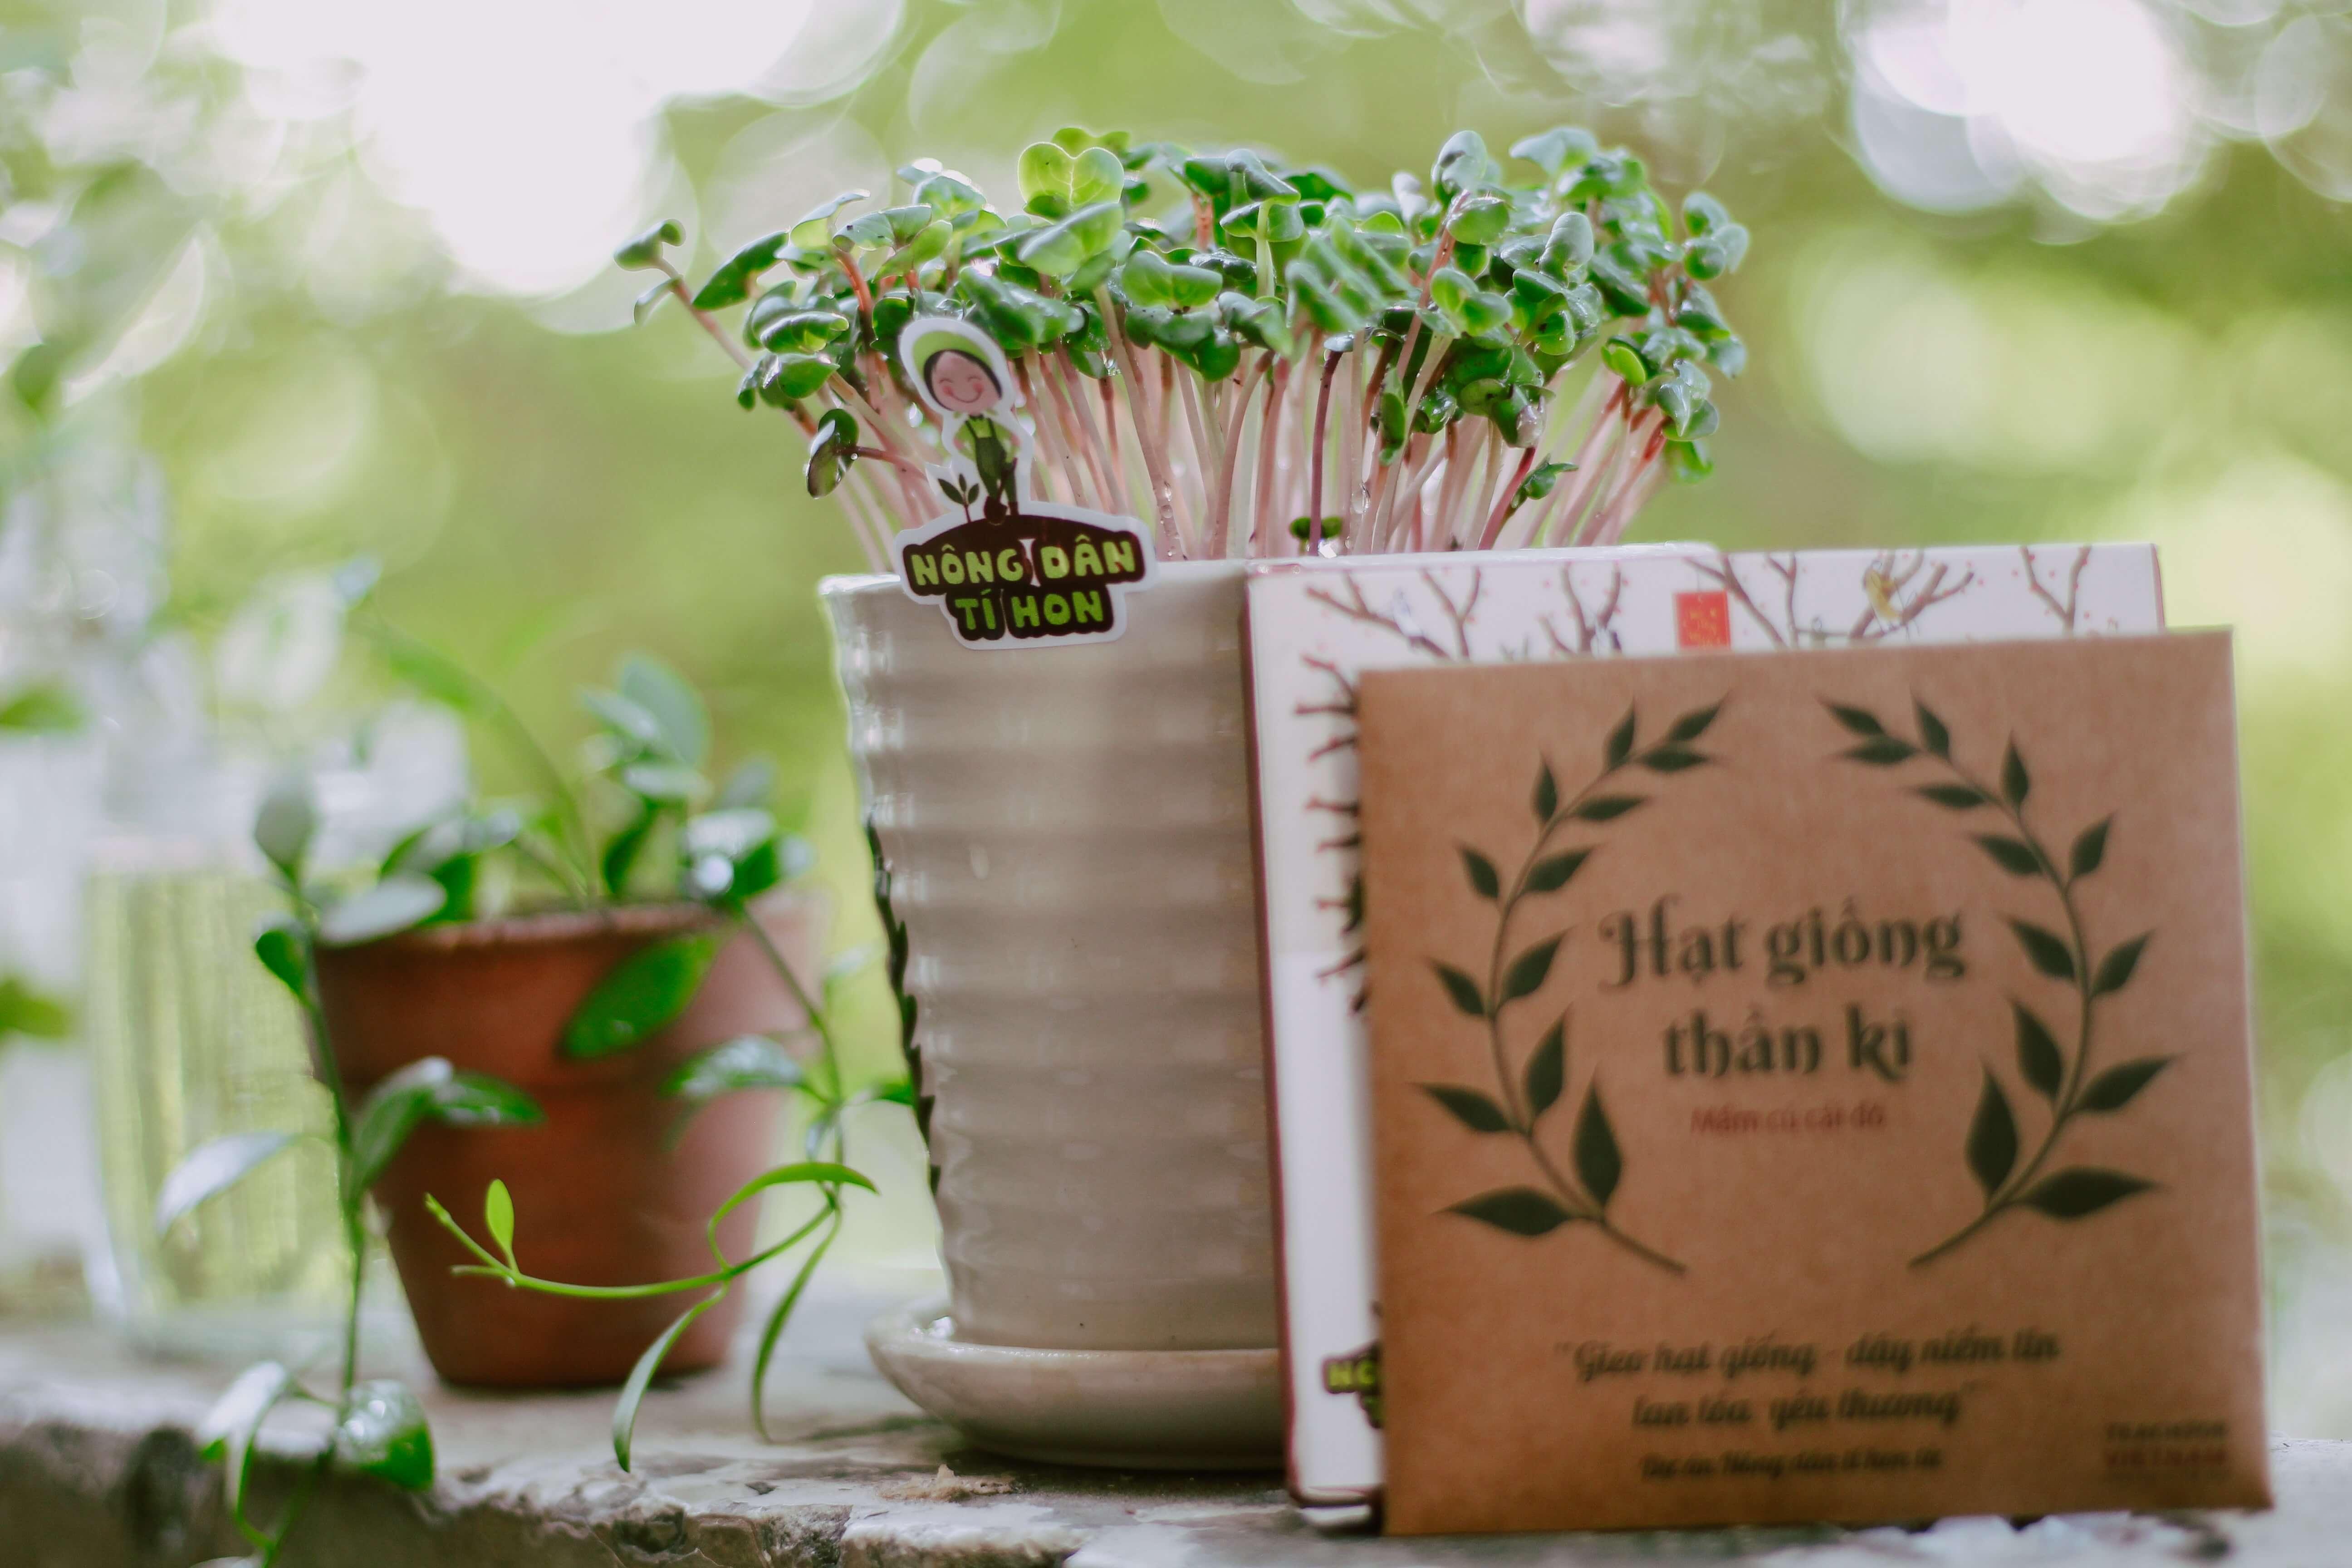 Broccoli Sprouts planted in a white ceramic pot